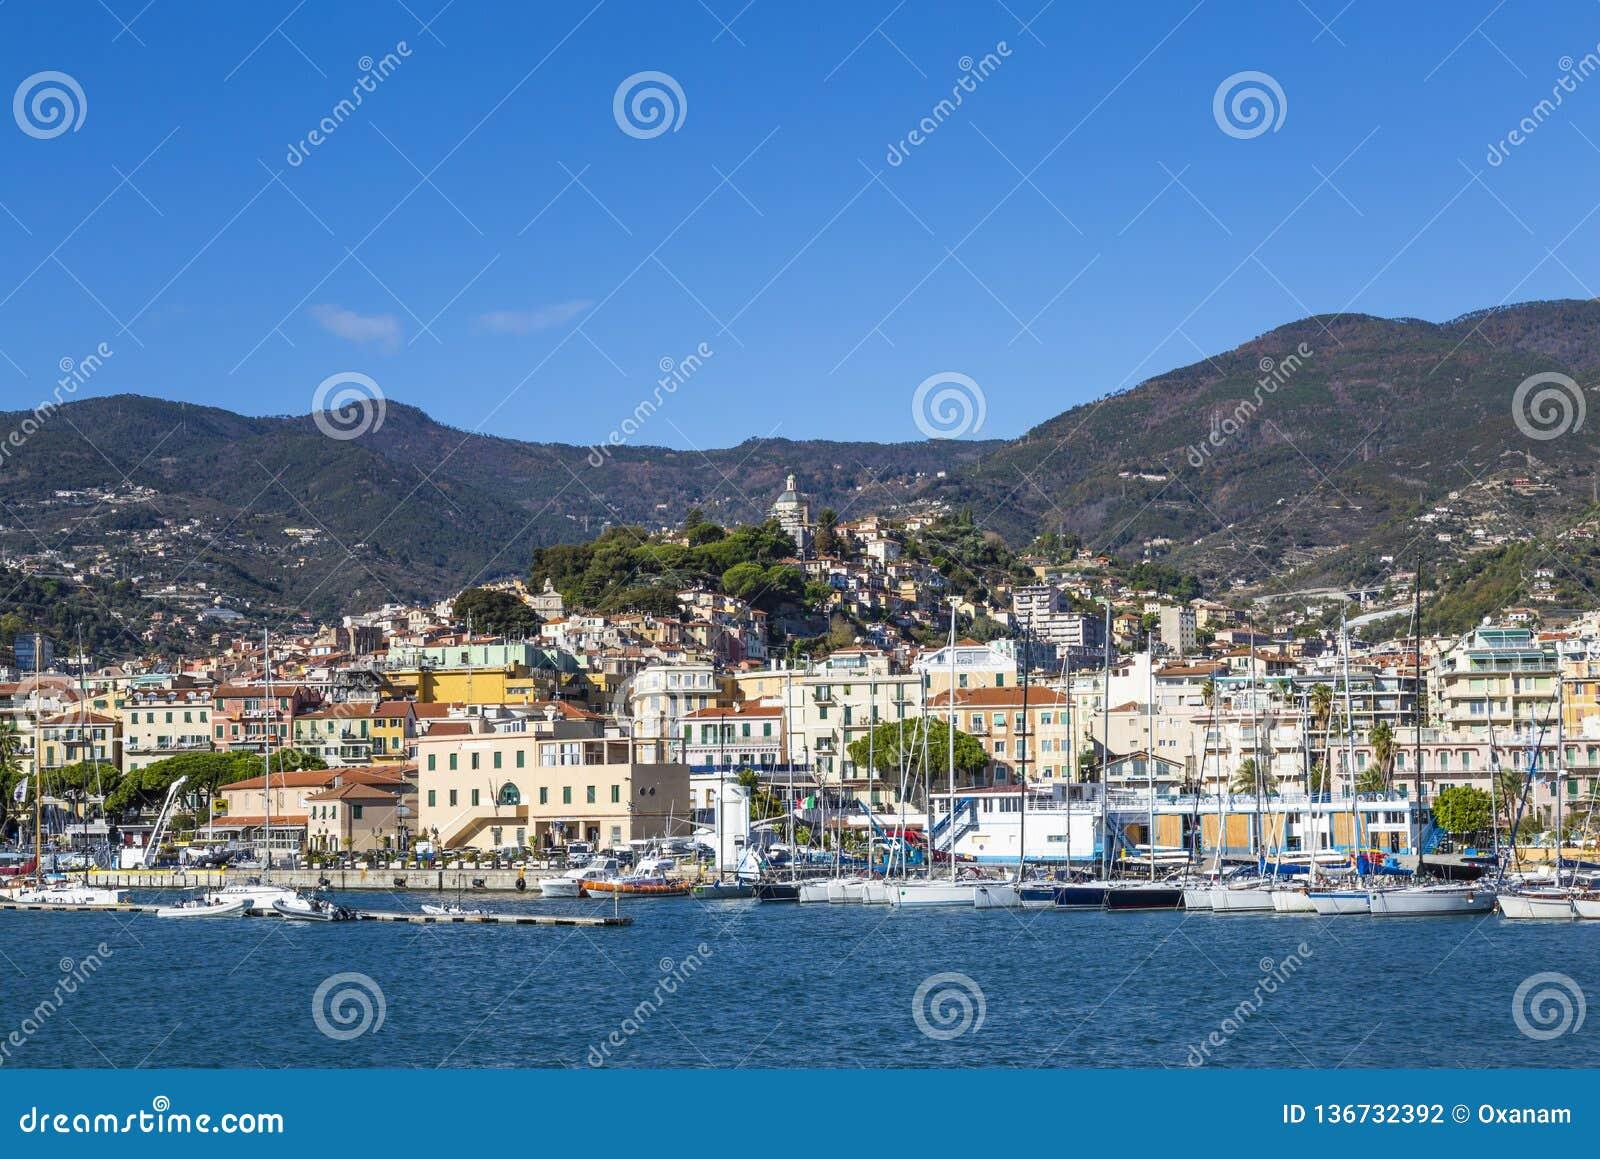 """Sanremo, Włochy †i jachty stary miasteczko Sanremo los angeles Pigna, """"Listopad 14, 2017 - dnia widok od morza z łodziami i"""